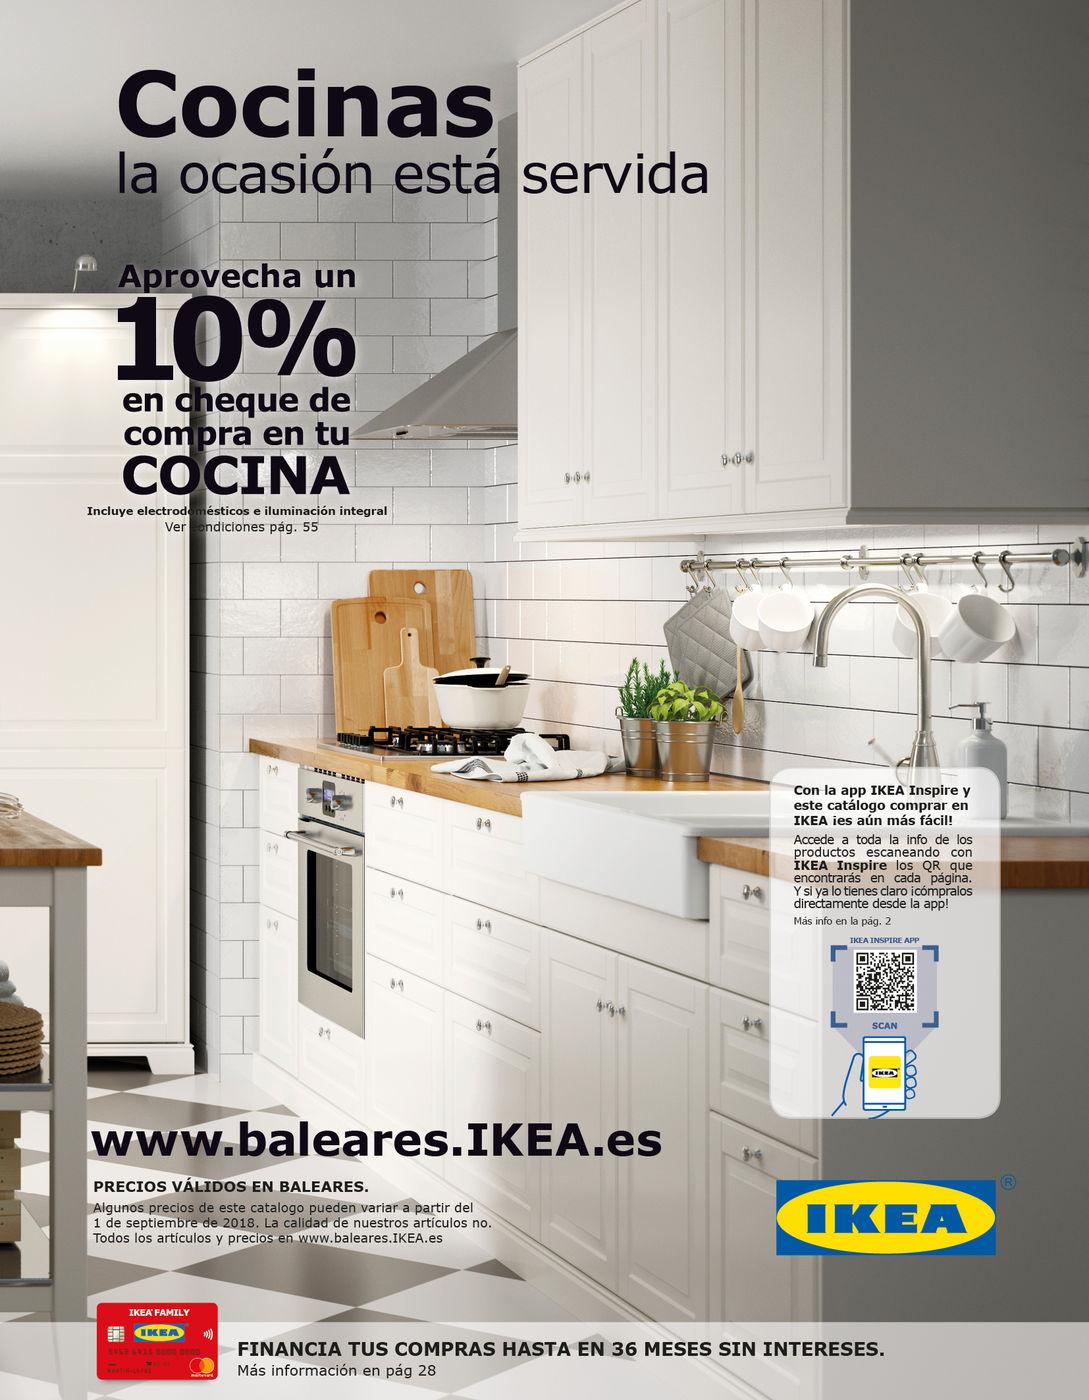 Ikea Cocinas Catalogo   Catalogo Cocinas Distribucion Mayo 2018 Bal